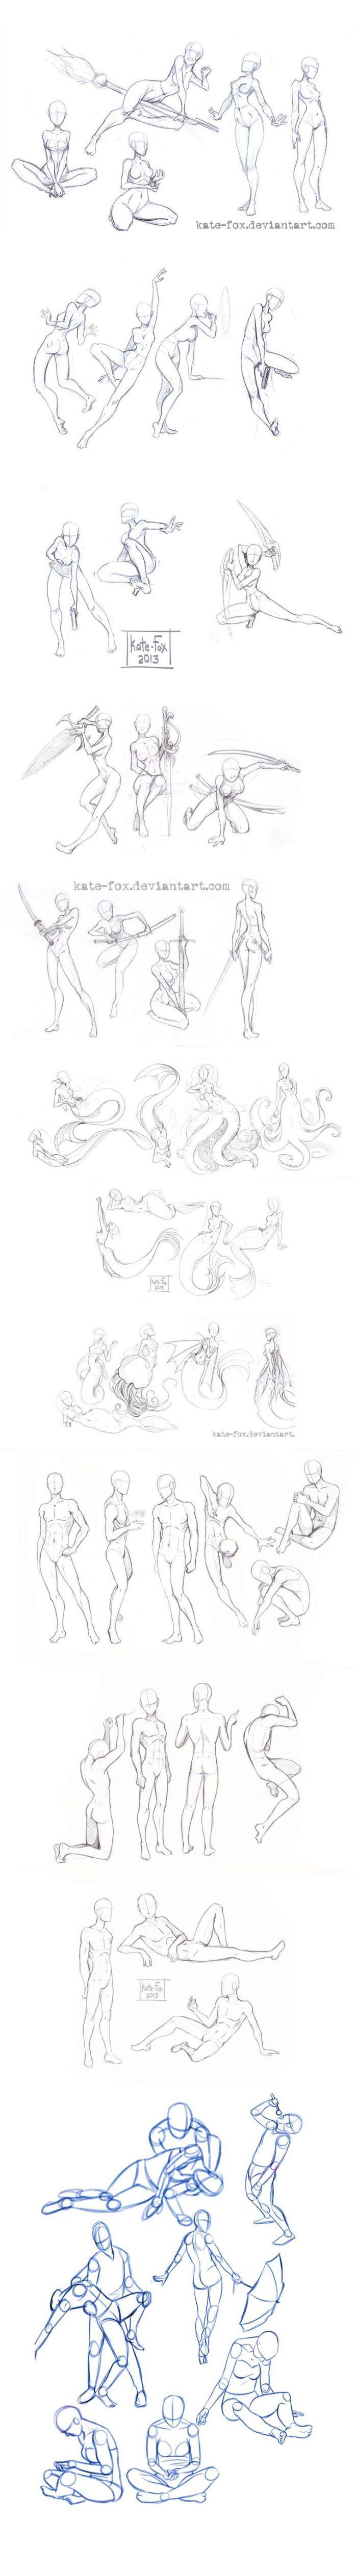 【人体素材】很特别的一组人体素材,包含了一系列女性化的海底生物。譬如人鱼、水母和海带。除此之外,还有一系列的拔刀打斗的姿态素材~一定会帮助你在刻画角色的时候带去更多的体悟。